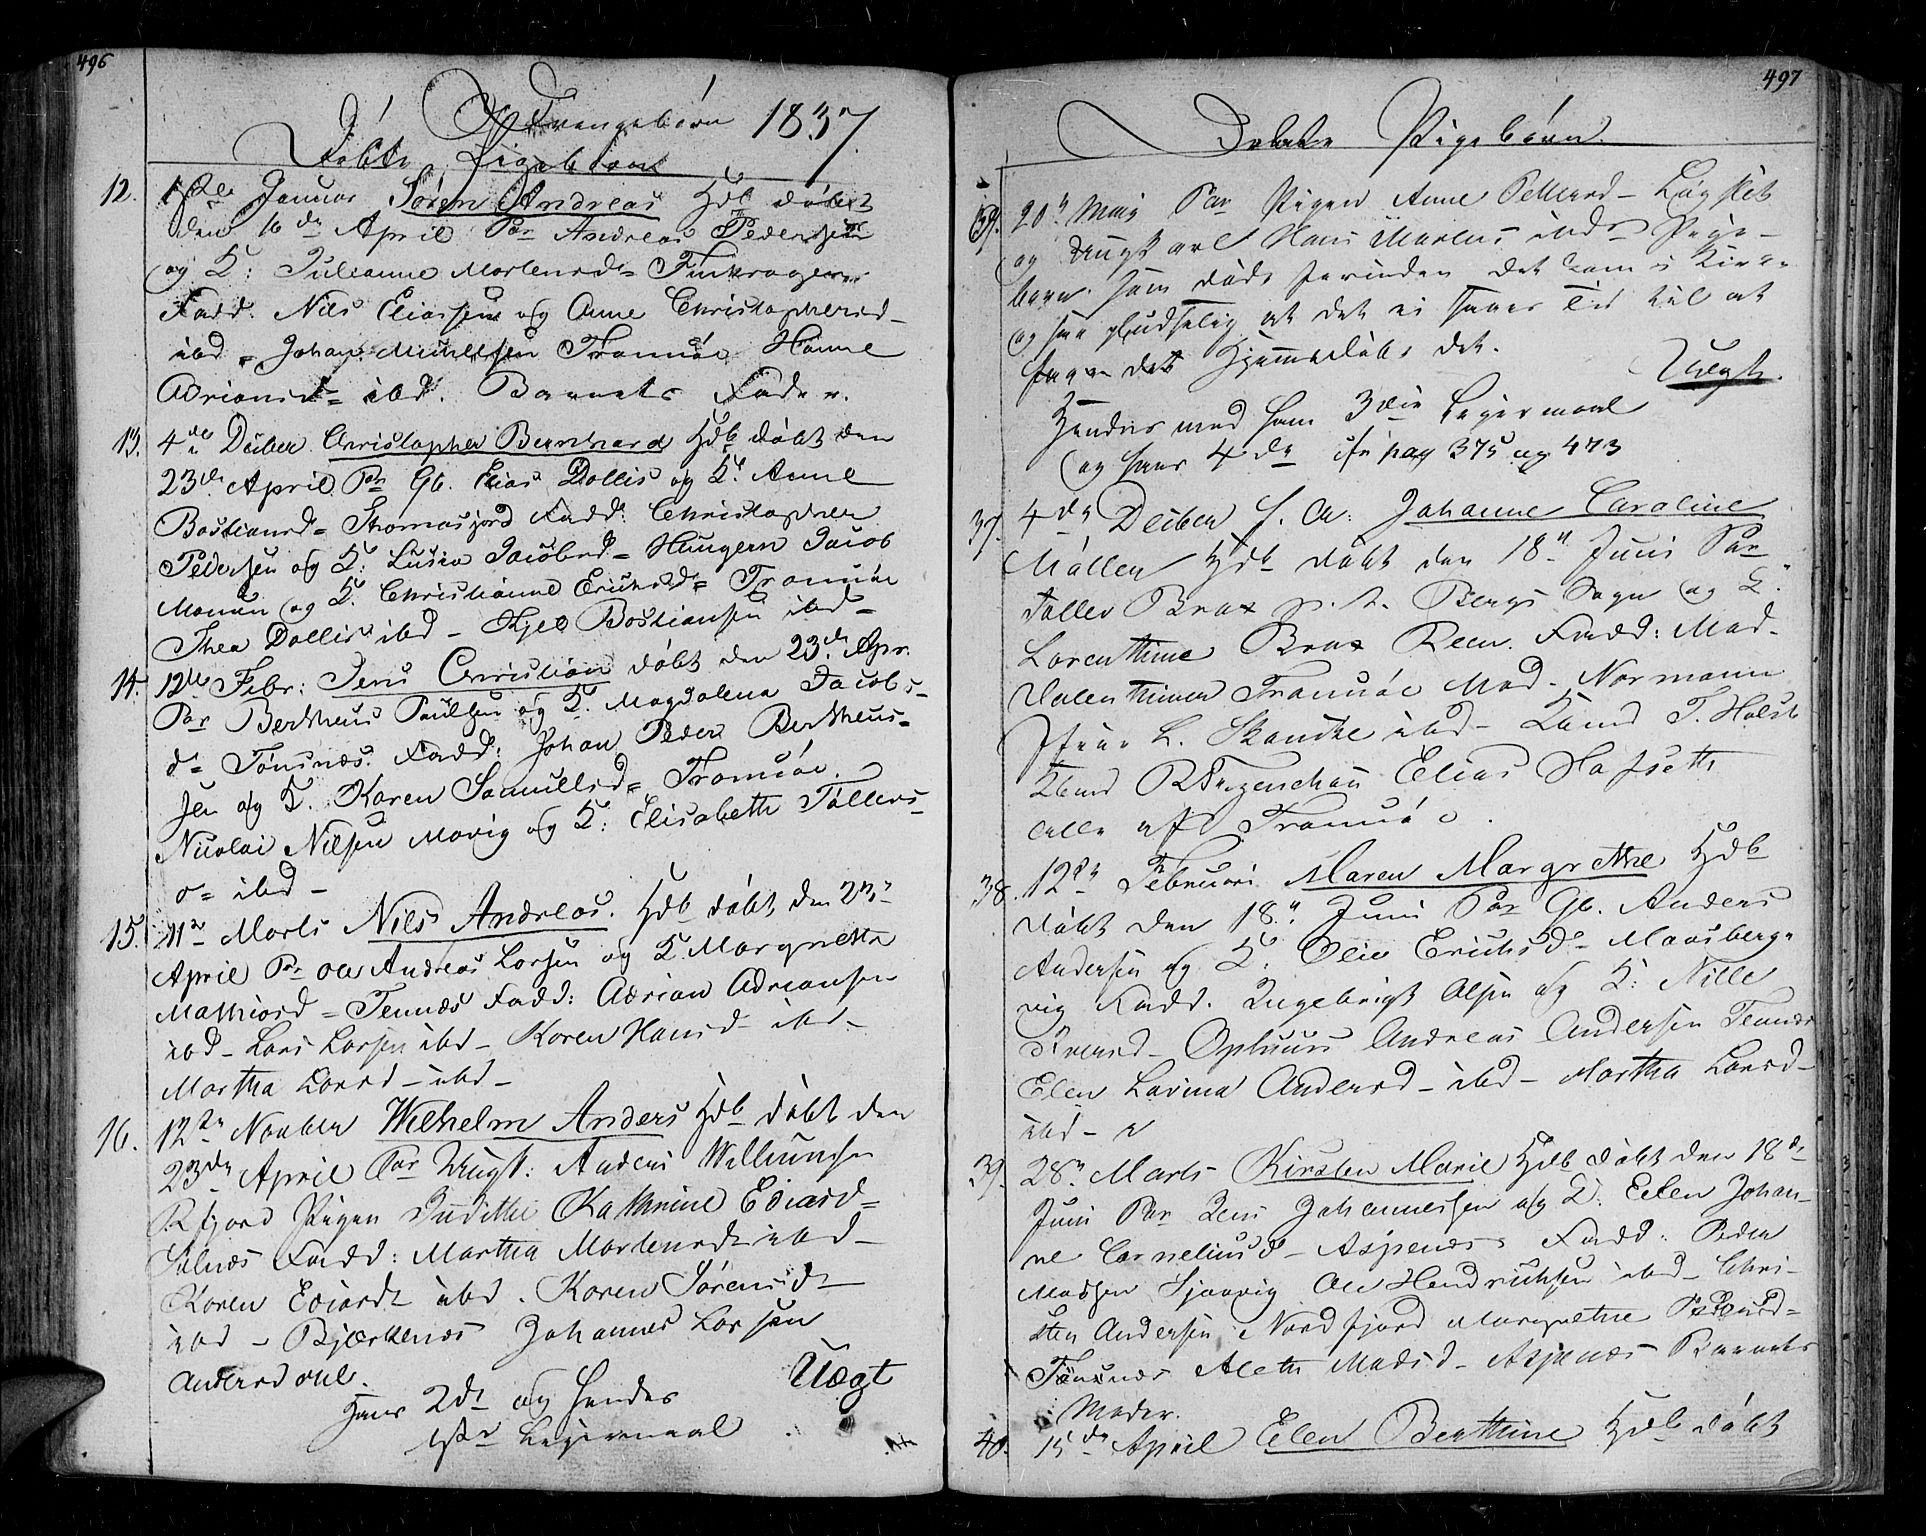 SATØ, Tromsø sokneprestkontor/stiftsprosti/domprosti, G/Ga/L0008kirke: Ministerialbok nr. 8, 1829-1837, s. 496-497